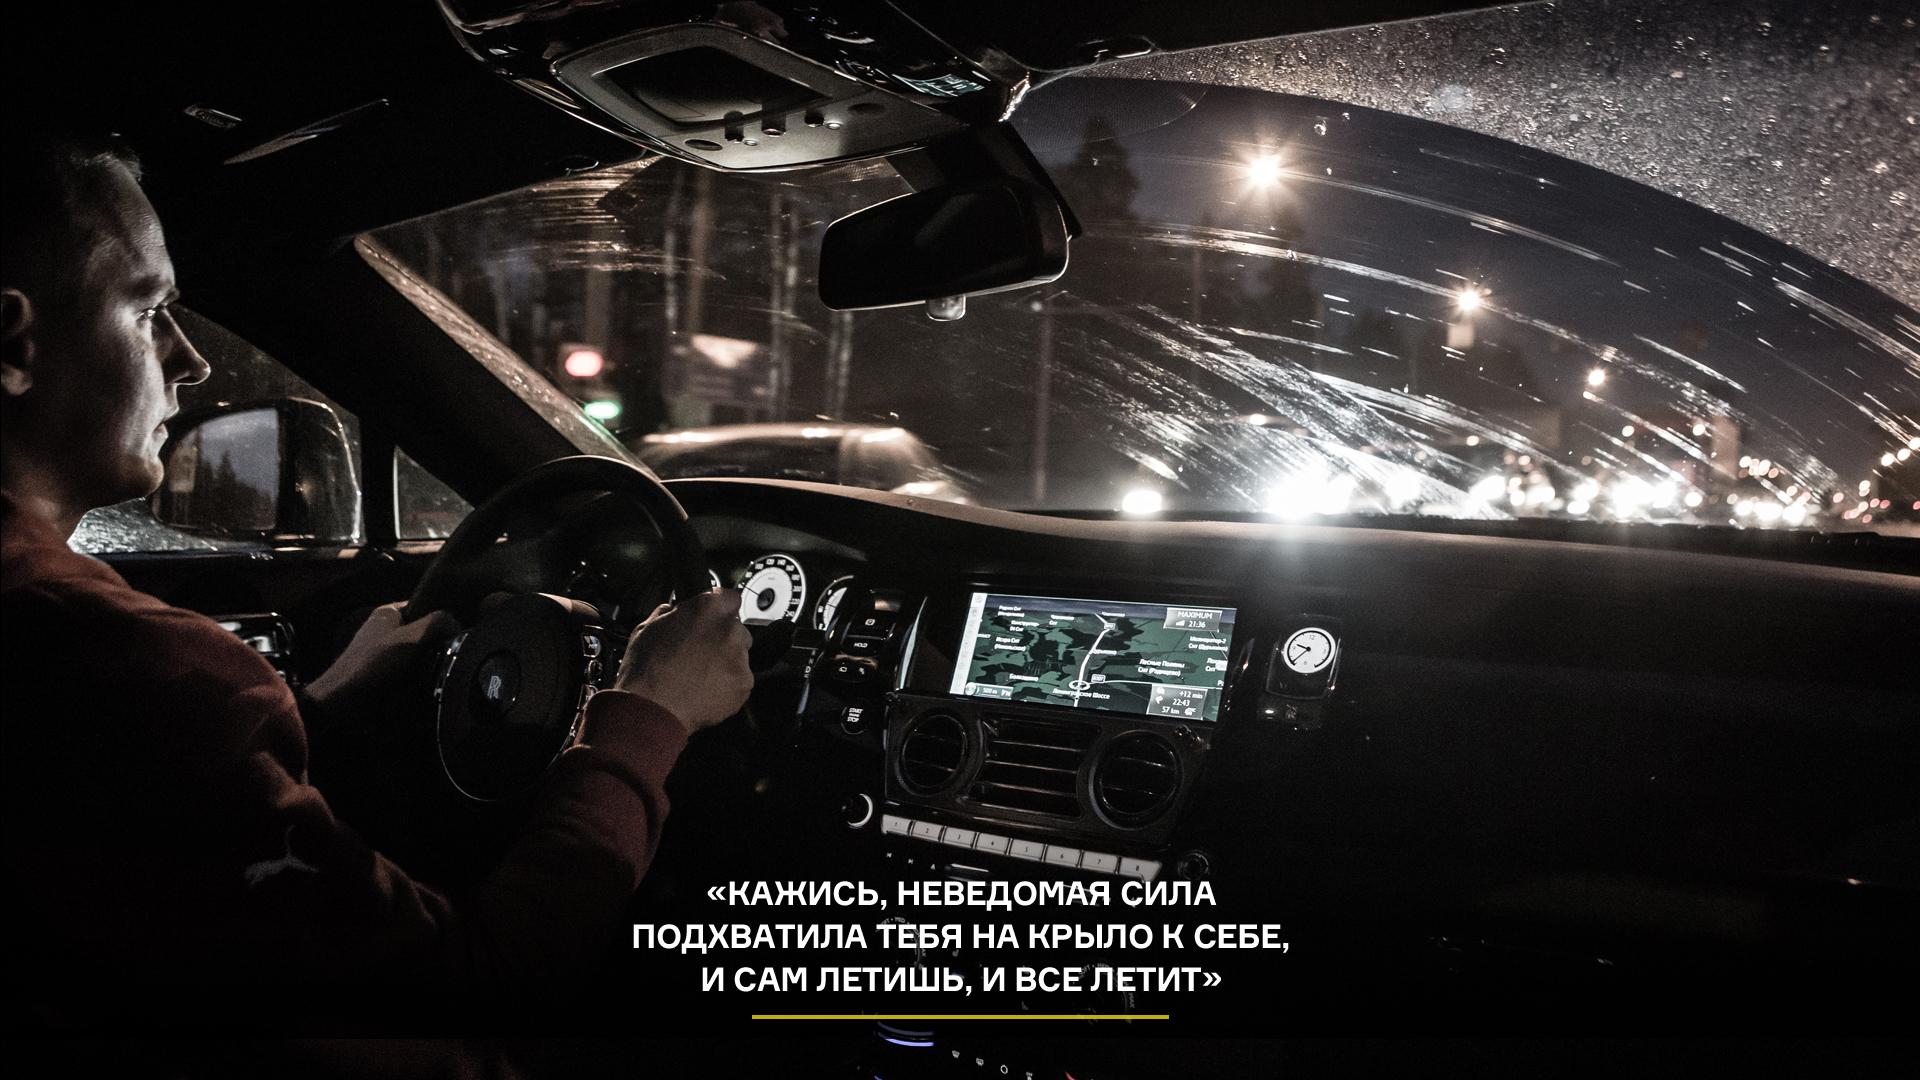 Из Питера в Москву на Rolls-Royce Wraith: вечная история на машине вне времени. Фото 21